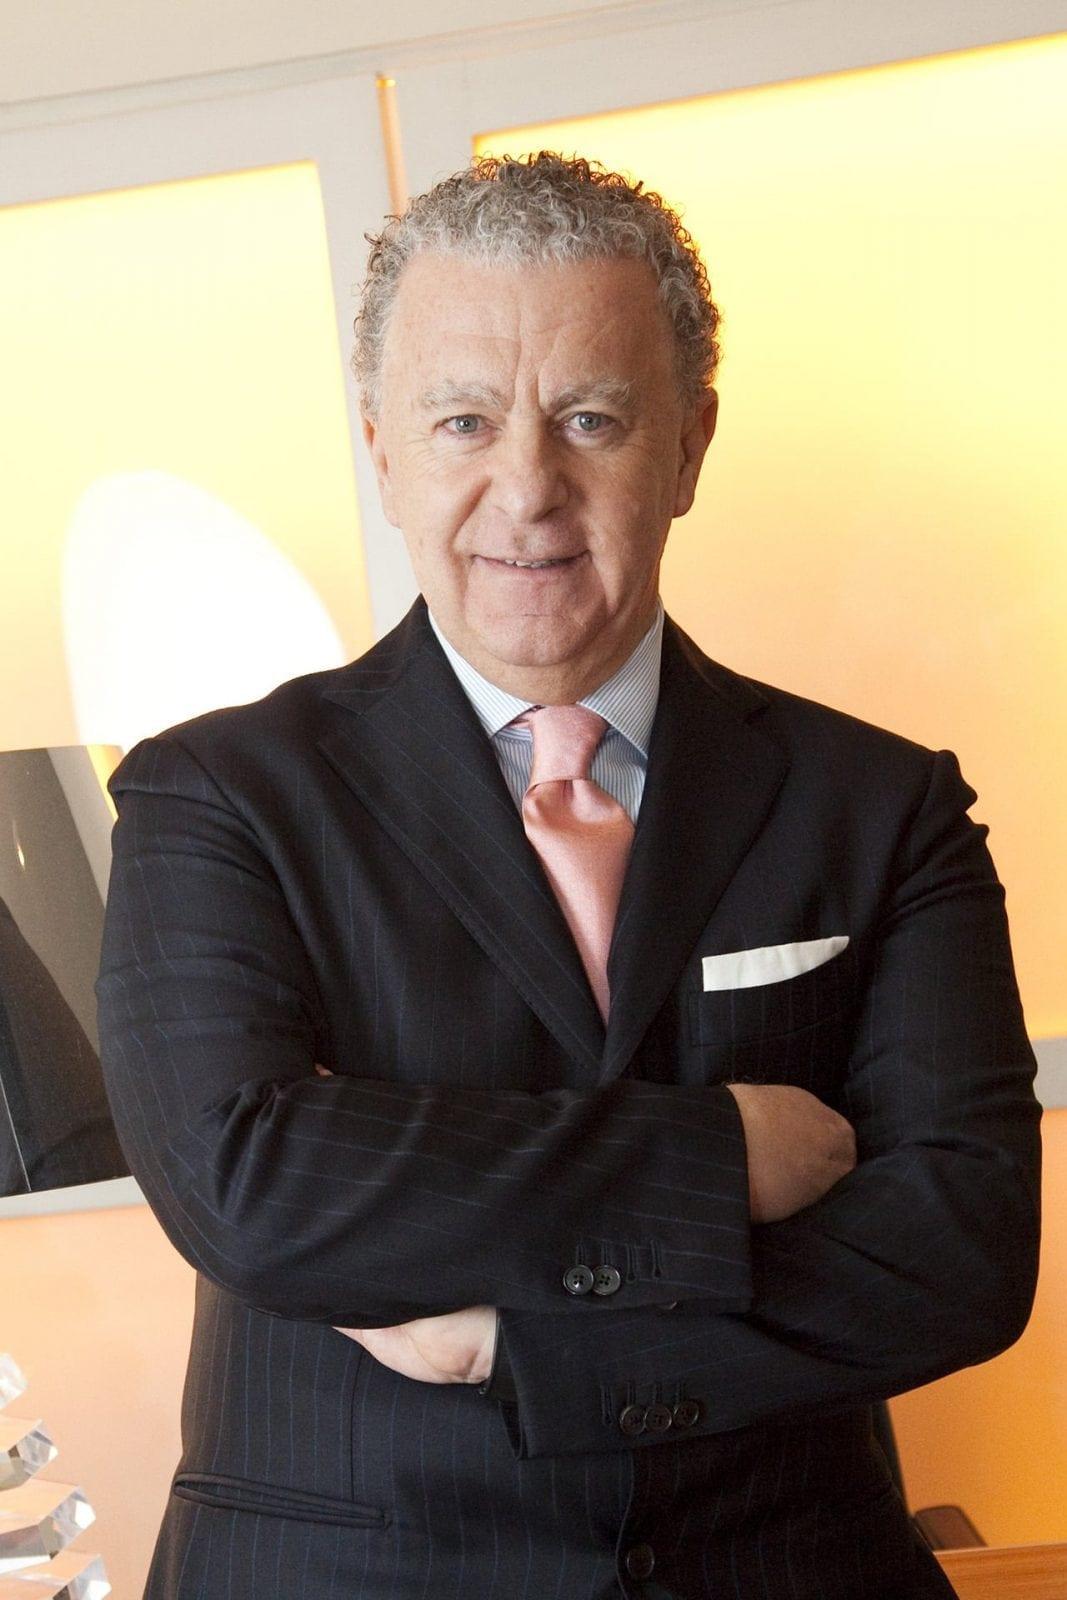 bertinelli - Despre Amo Ferragamo, noul parfum al iubirii și dorinței, cu Luciano Bertinelli, CEO Salvatore Ferragamo Parfums